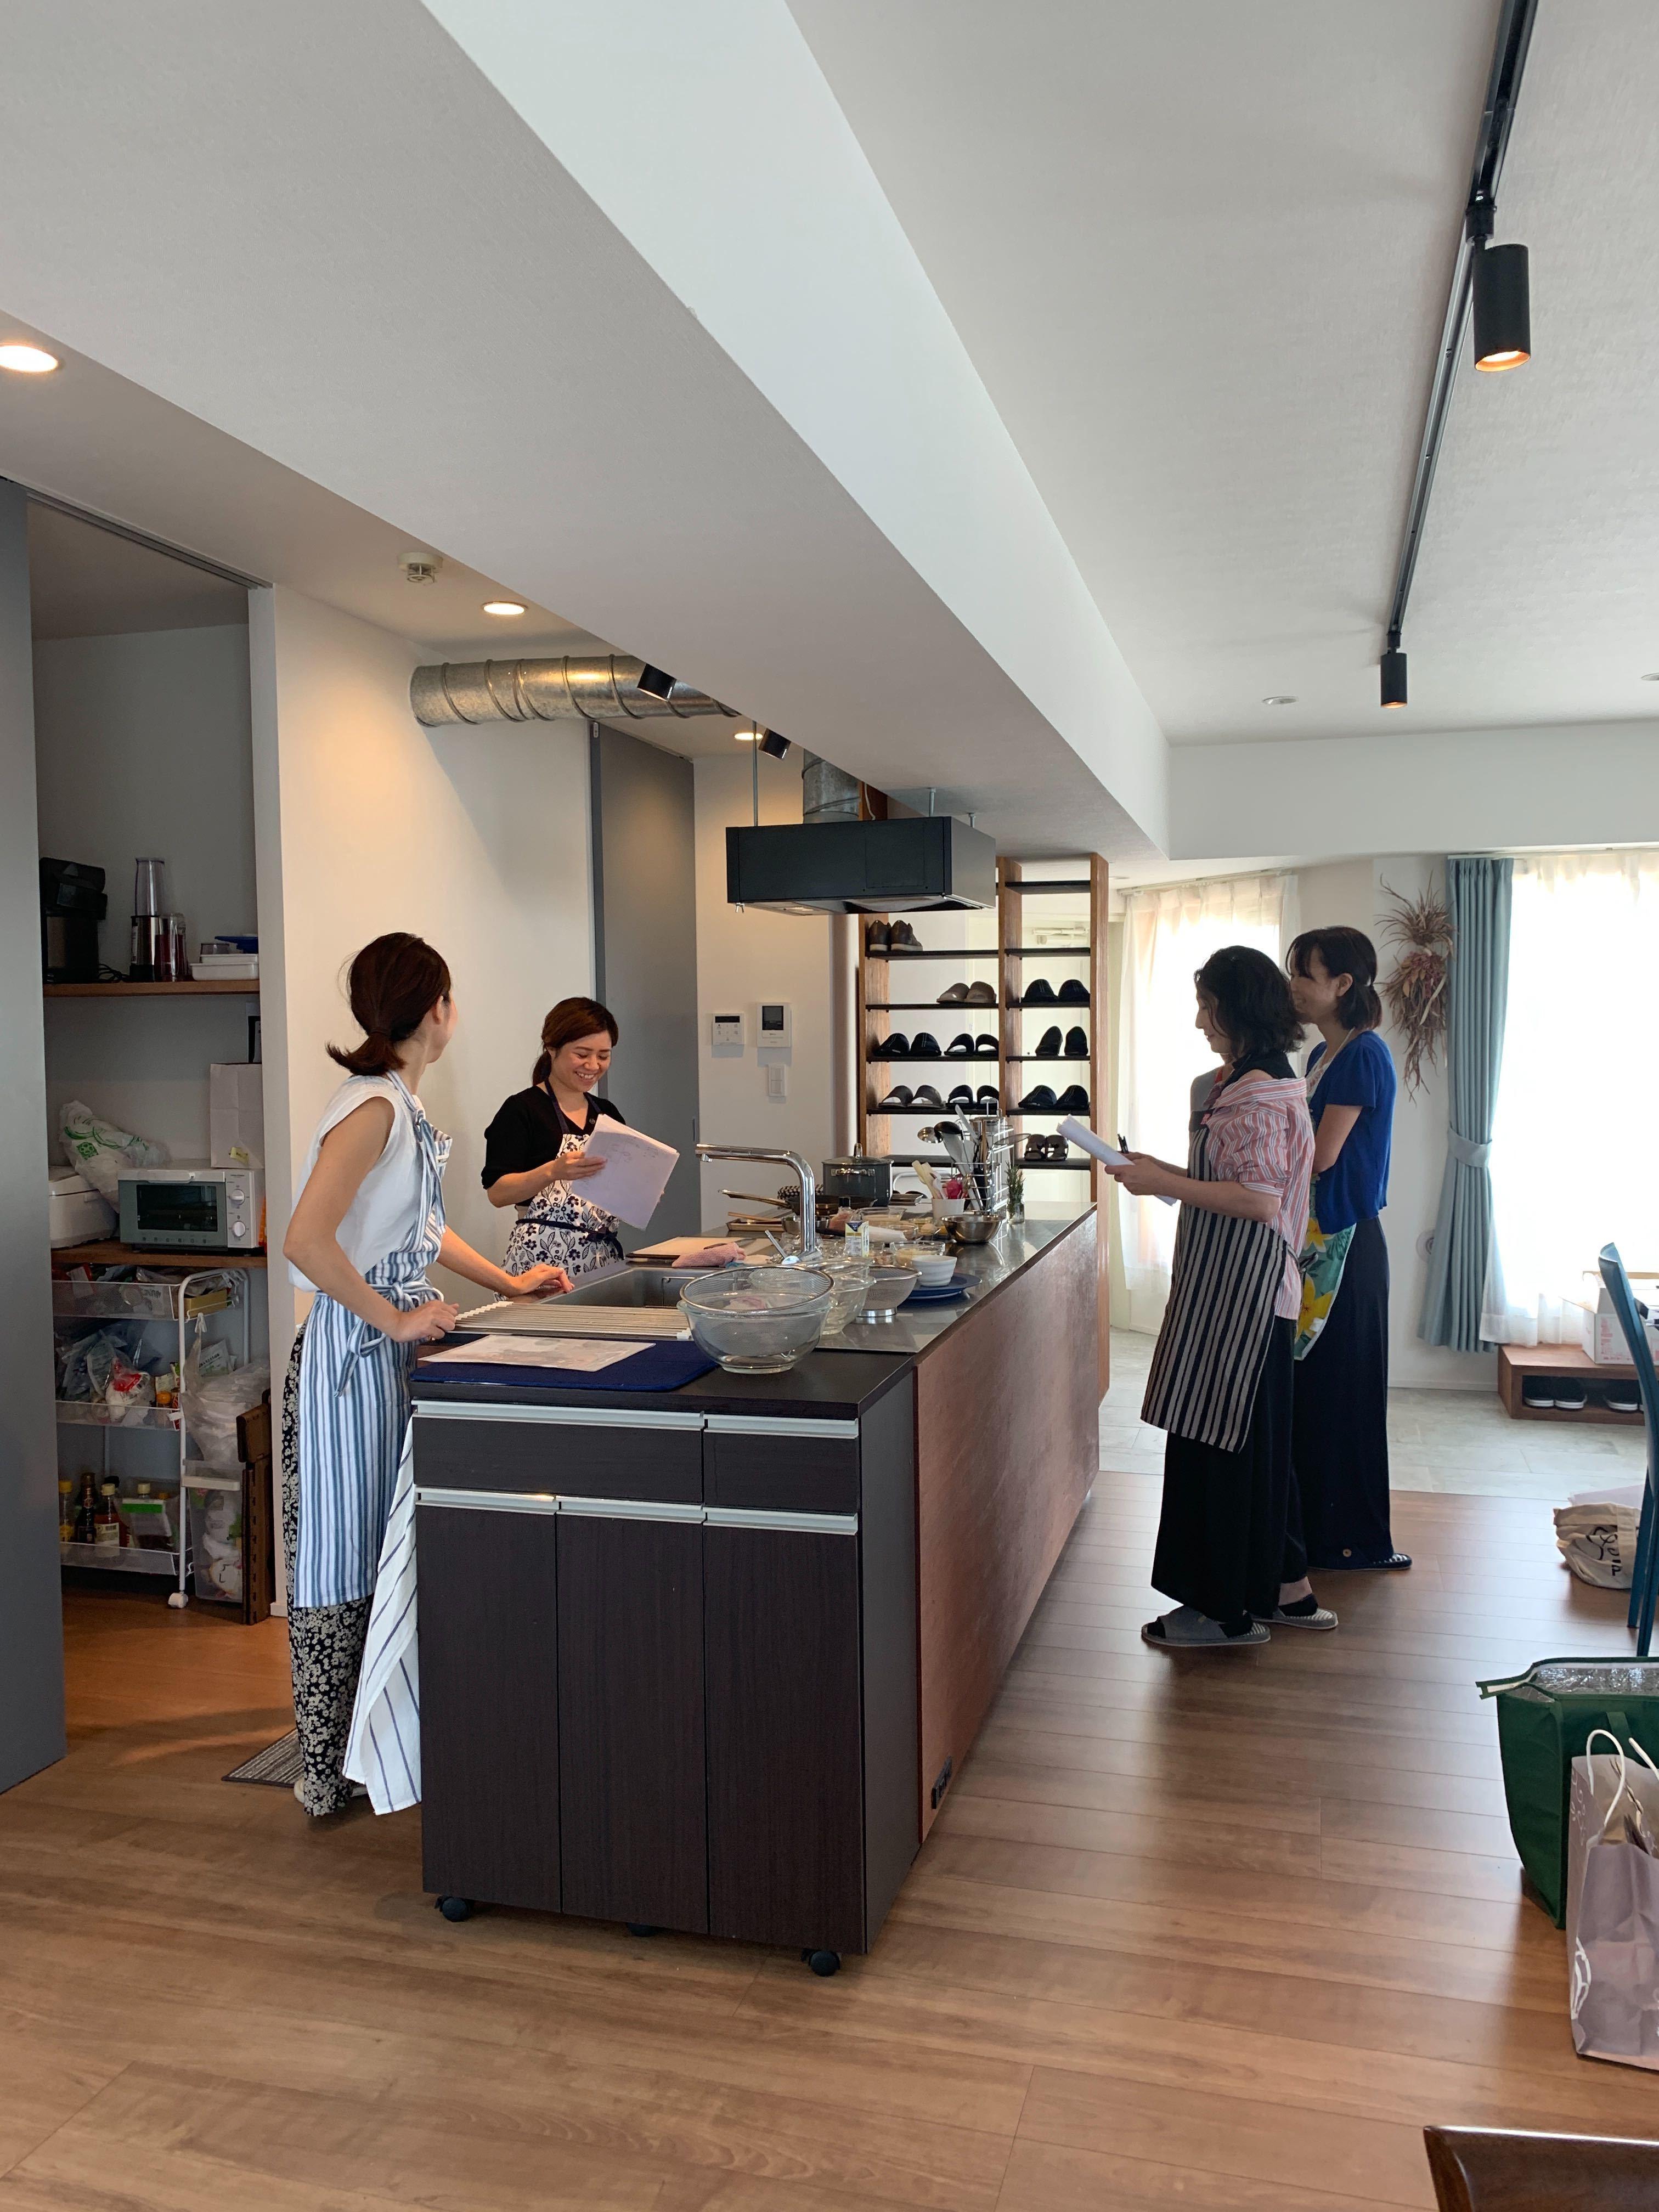 【第3期プロフェッショナル料理講師育成講座】卒業検定&料理講師派遣